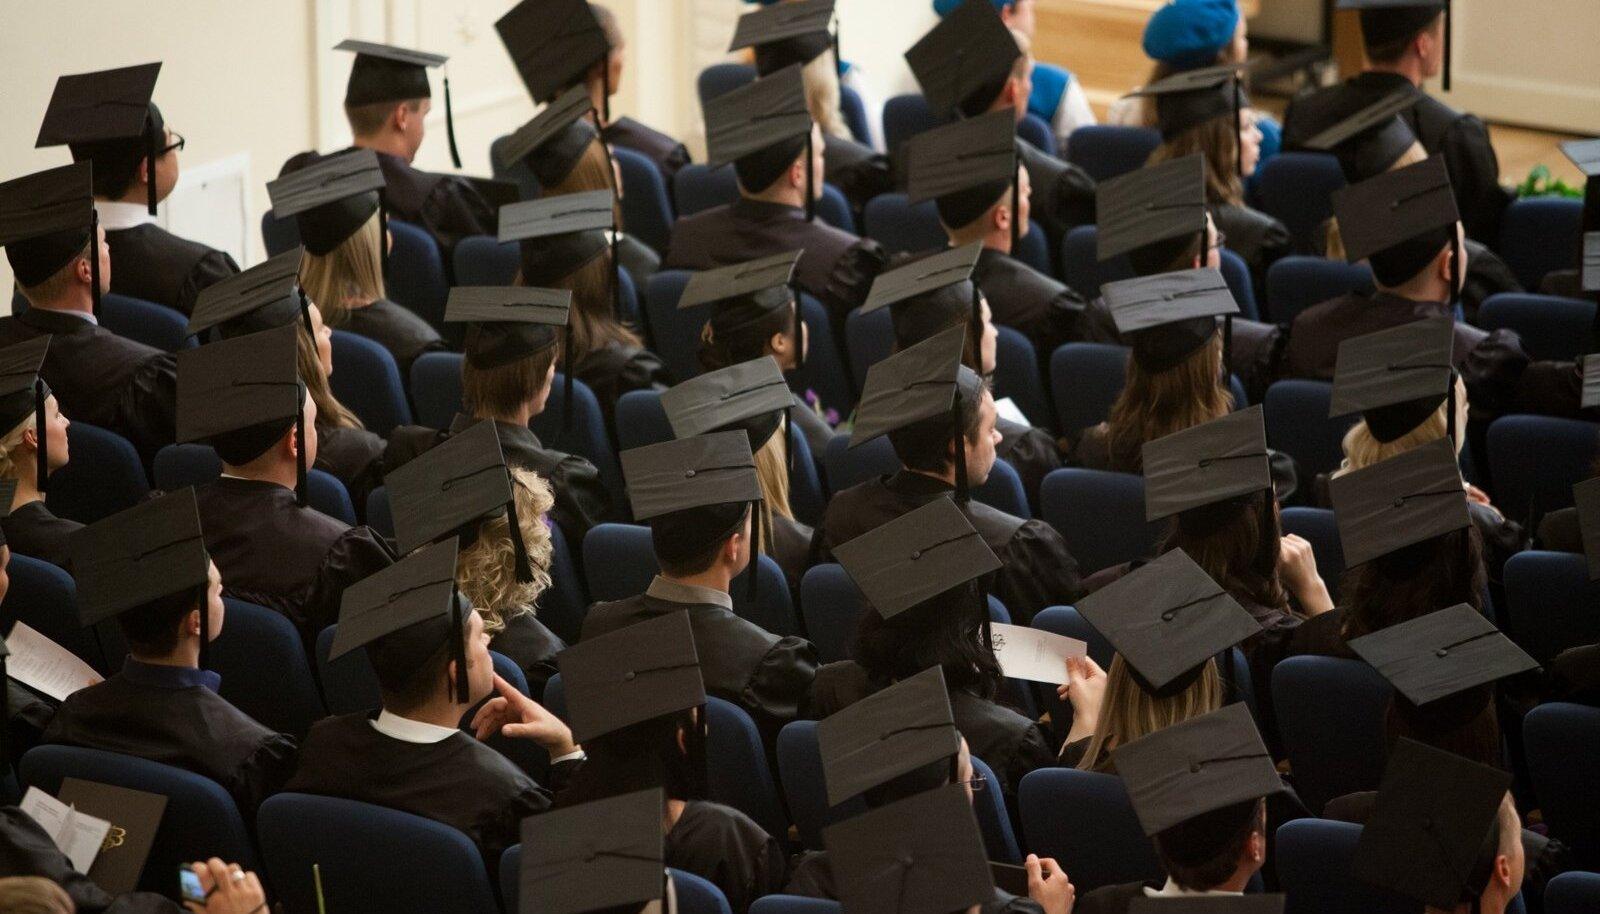 Mütsid EBS-i lõpuaktusel viitavad tasemeõppe lõpetajatele. Kui aga osaletakse sama kooli korraldatud koolitusel (kas või mitmeaastasel), siis on tegu täienduskoolitusega.